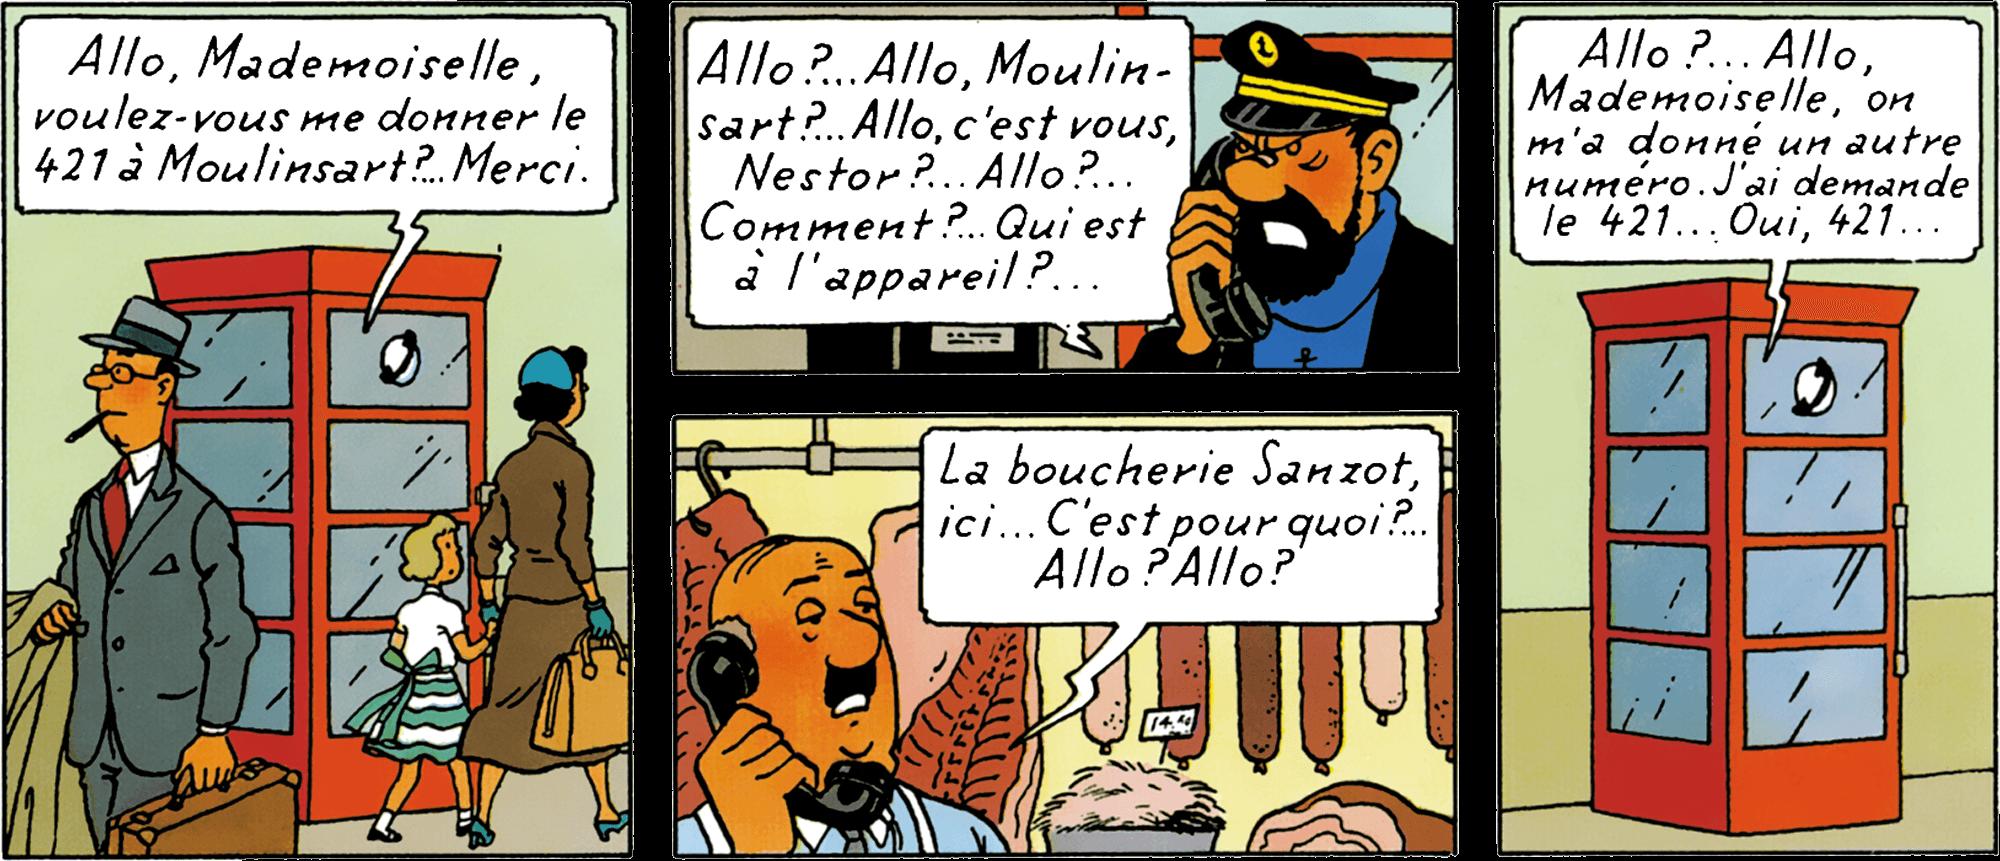 Tintin - Les Aventures de Tintin - L'Affaire Tournesol - Boucherie Sanzot